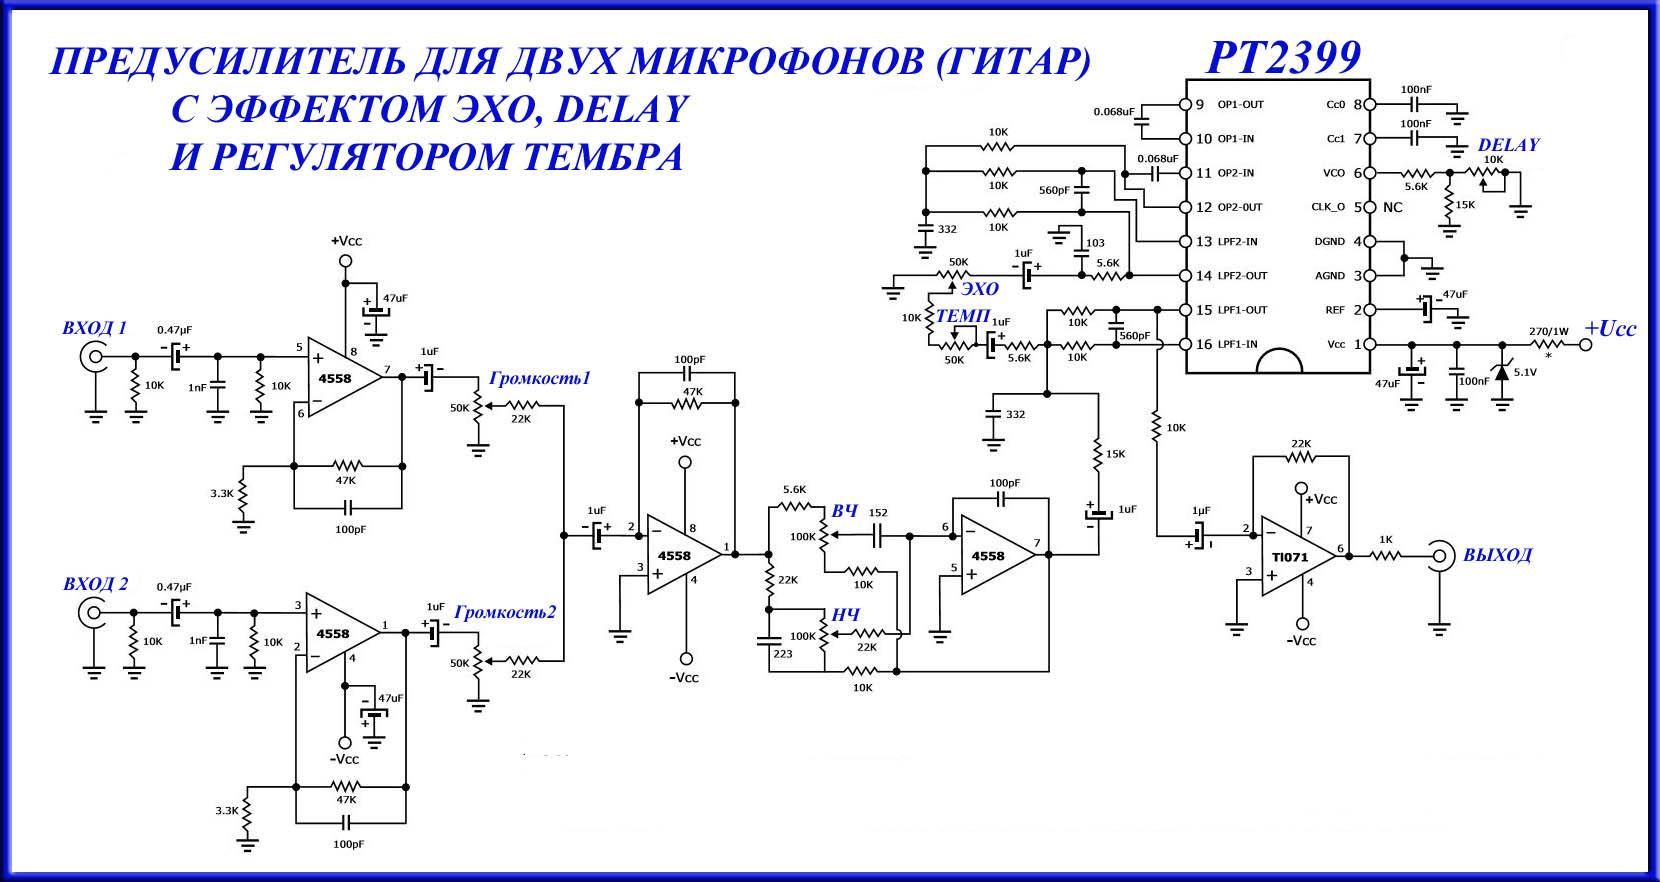 Схема микрофонного усилителя с объемным звучанием